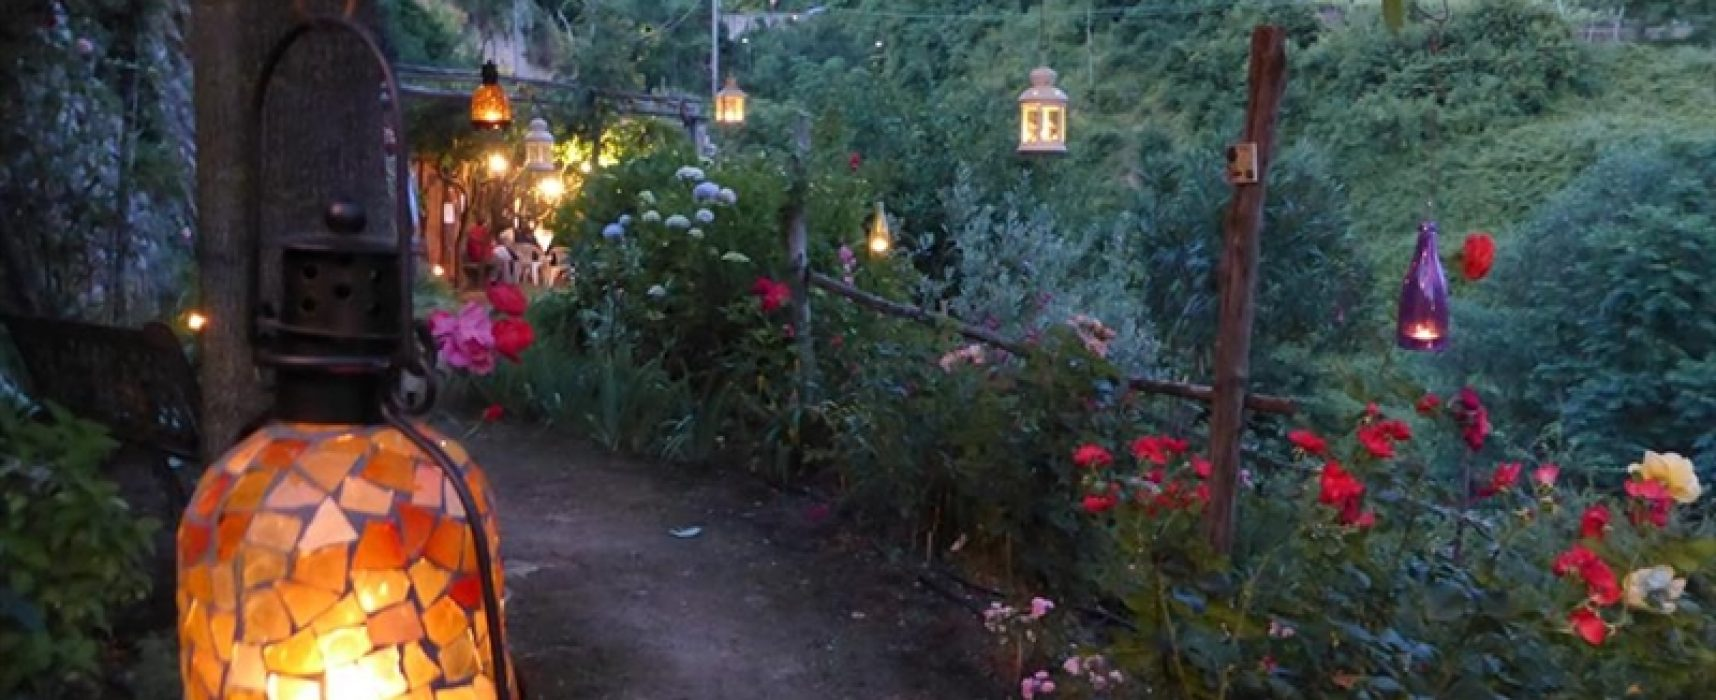 Tramonti il Giardino segreto